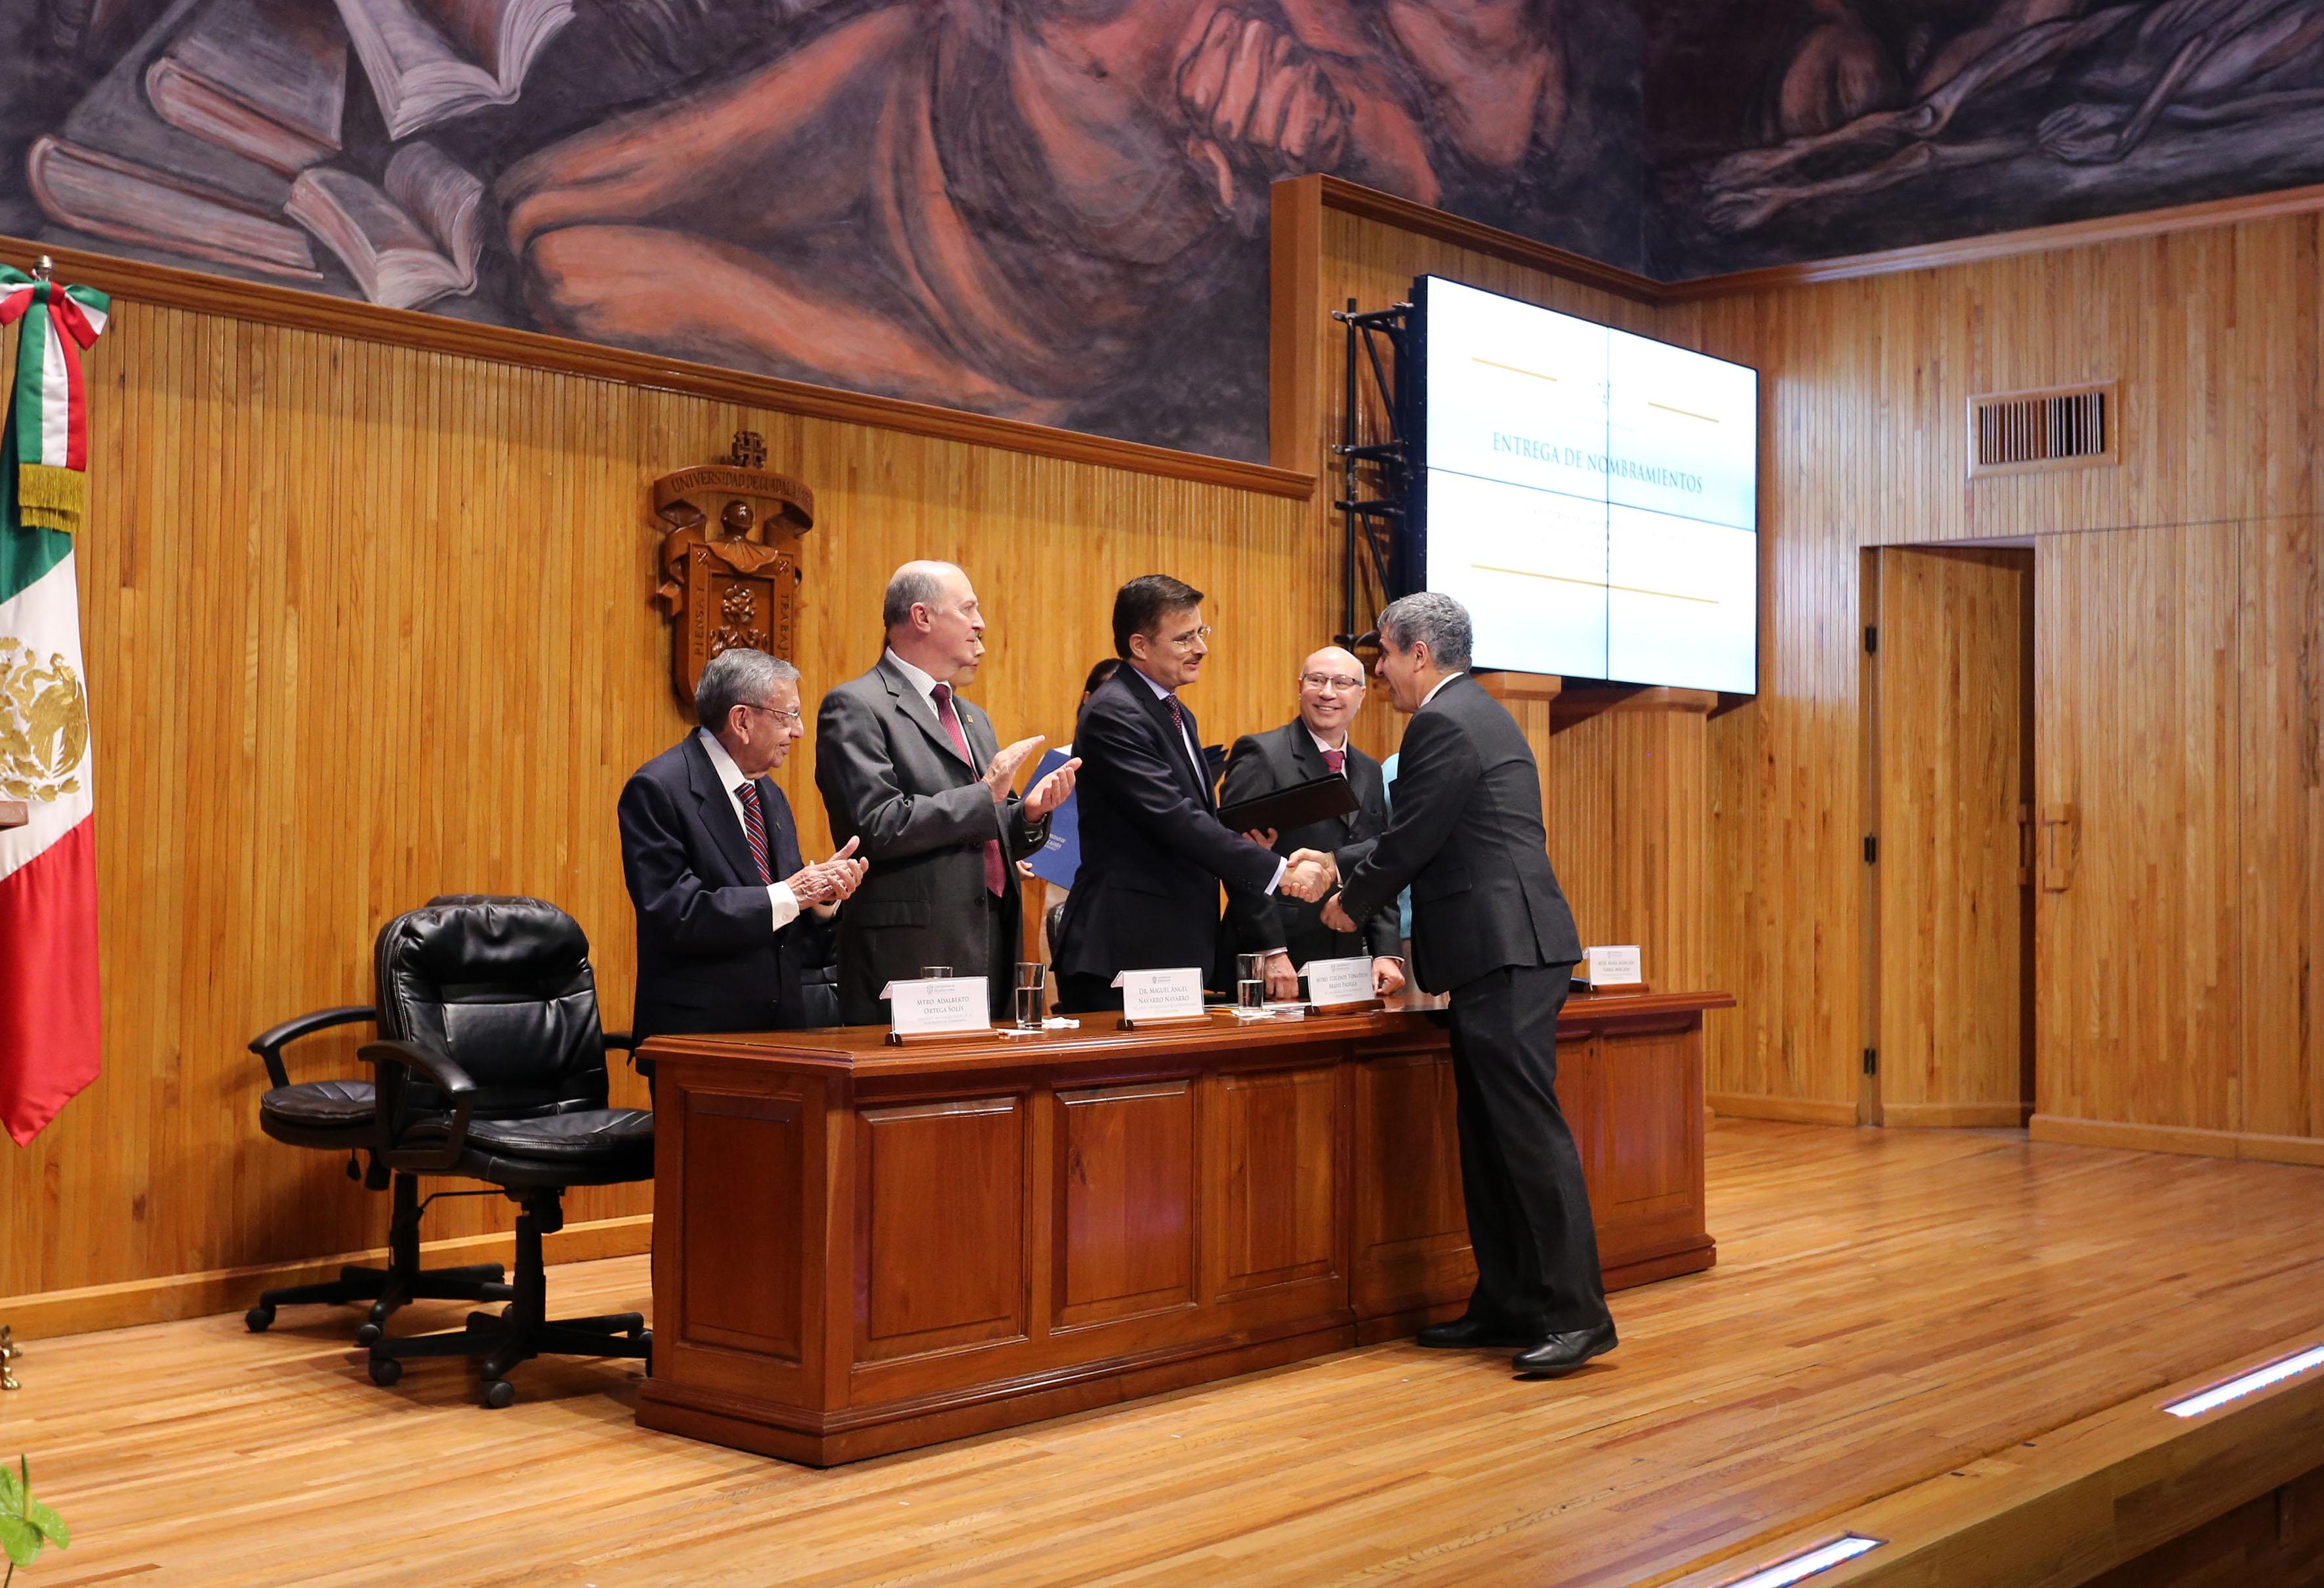 Maestro Itzcóatl Tonatiuh Bravo Padilla, Rector General de la UdeG, felicitando y entregando rectificación de su nombramiento como Rector del CUCSH al Doctor Héctor Raúl Solís Gadea.